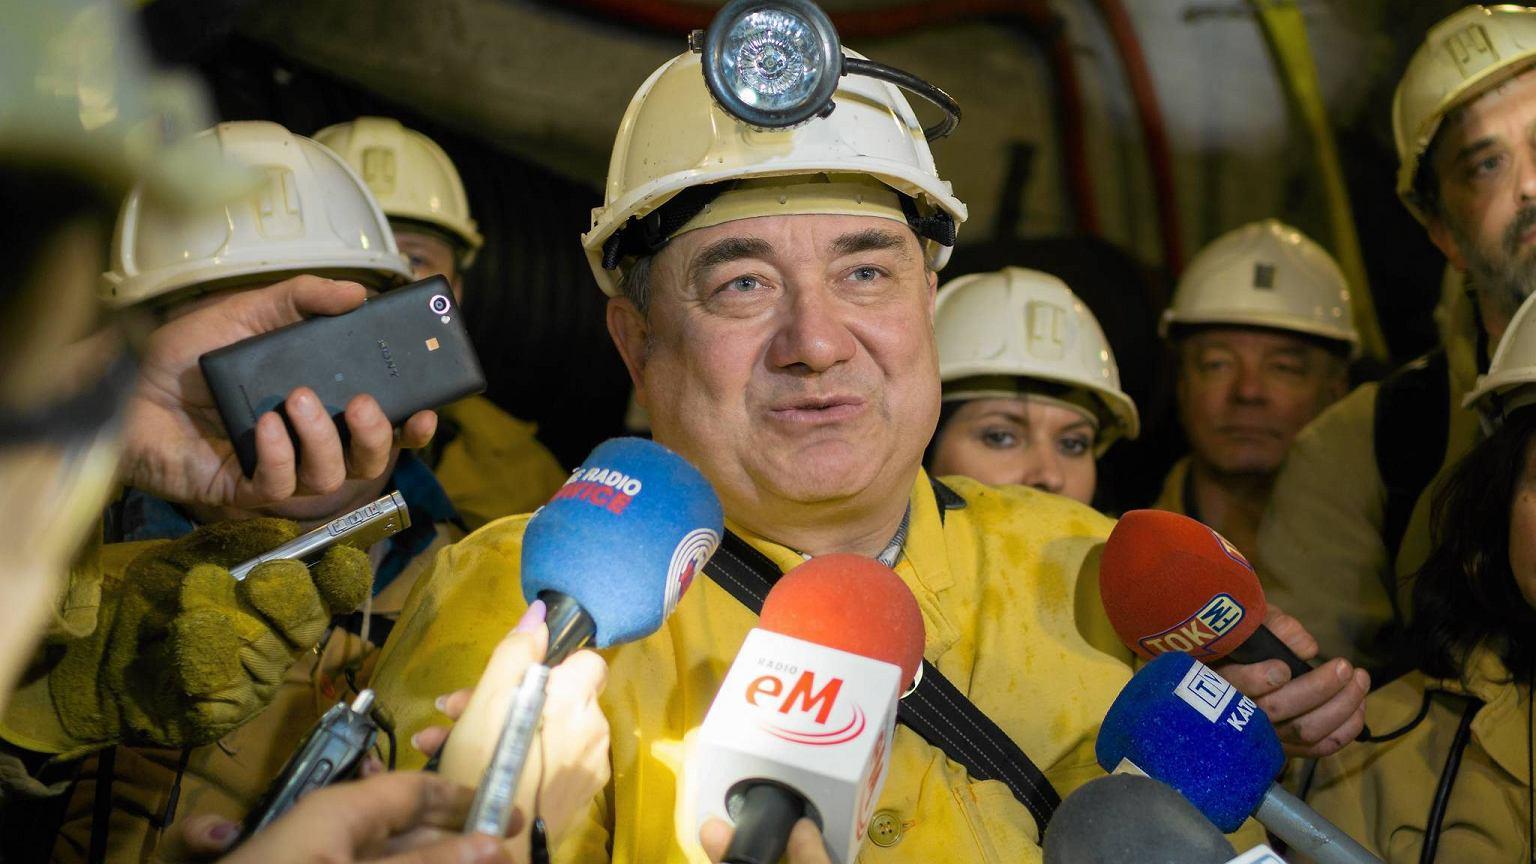 Węgiel z Rosji - dlaczego kupujemy go tak dużo? Tobiszowski: Wiem, że nie wiem